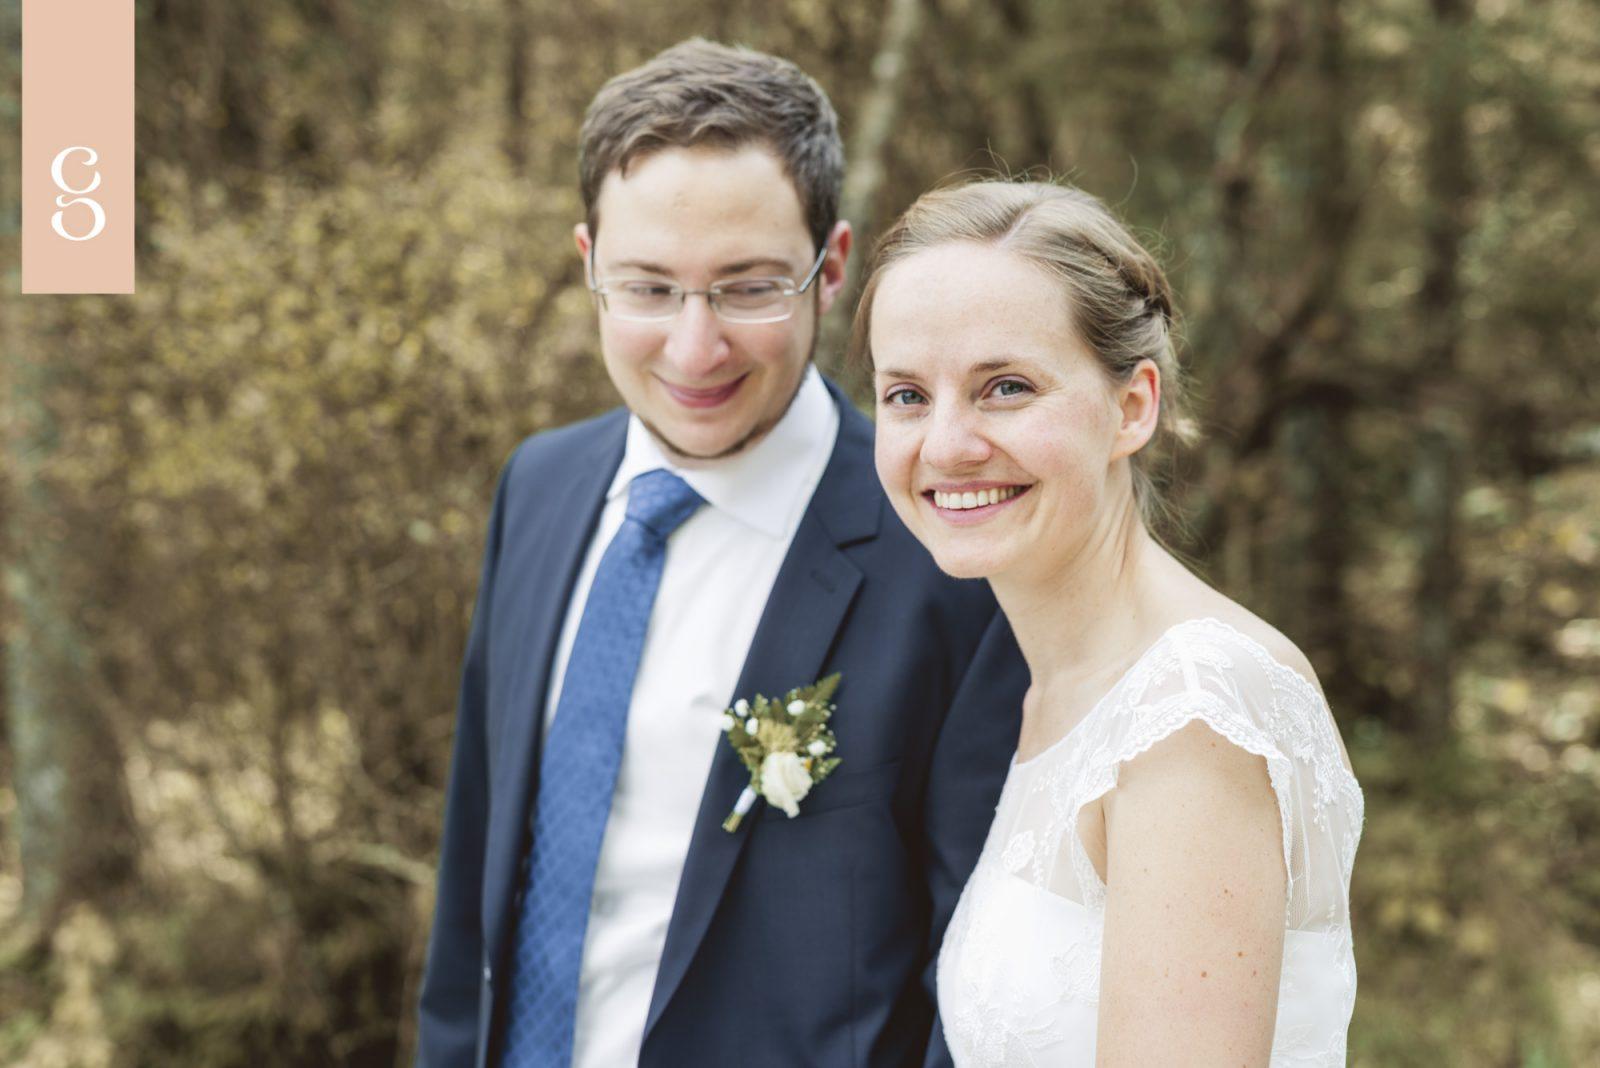 Fotograf_Goettges_Hochzeit_Wedding_Ramsau_Hintersee_Hirschbichl_Berchtesgaden_Hochzeitsfotograf-25